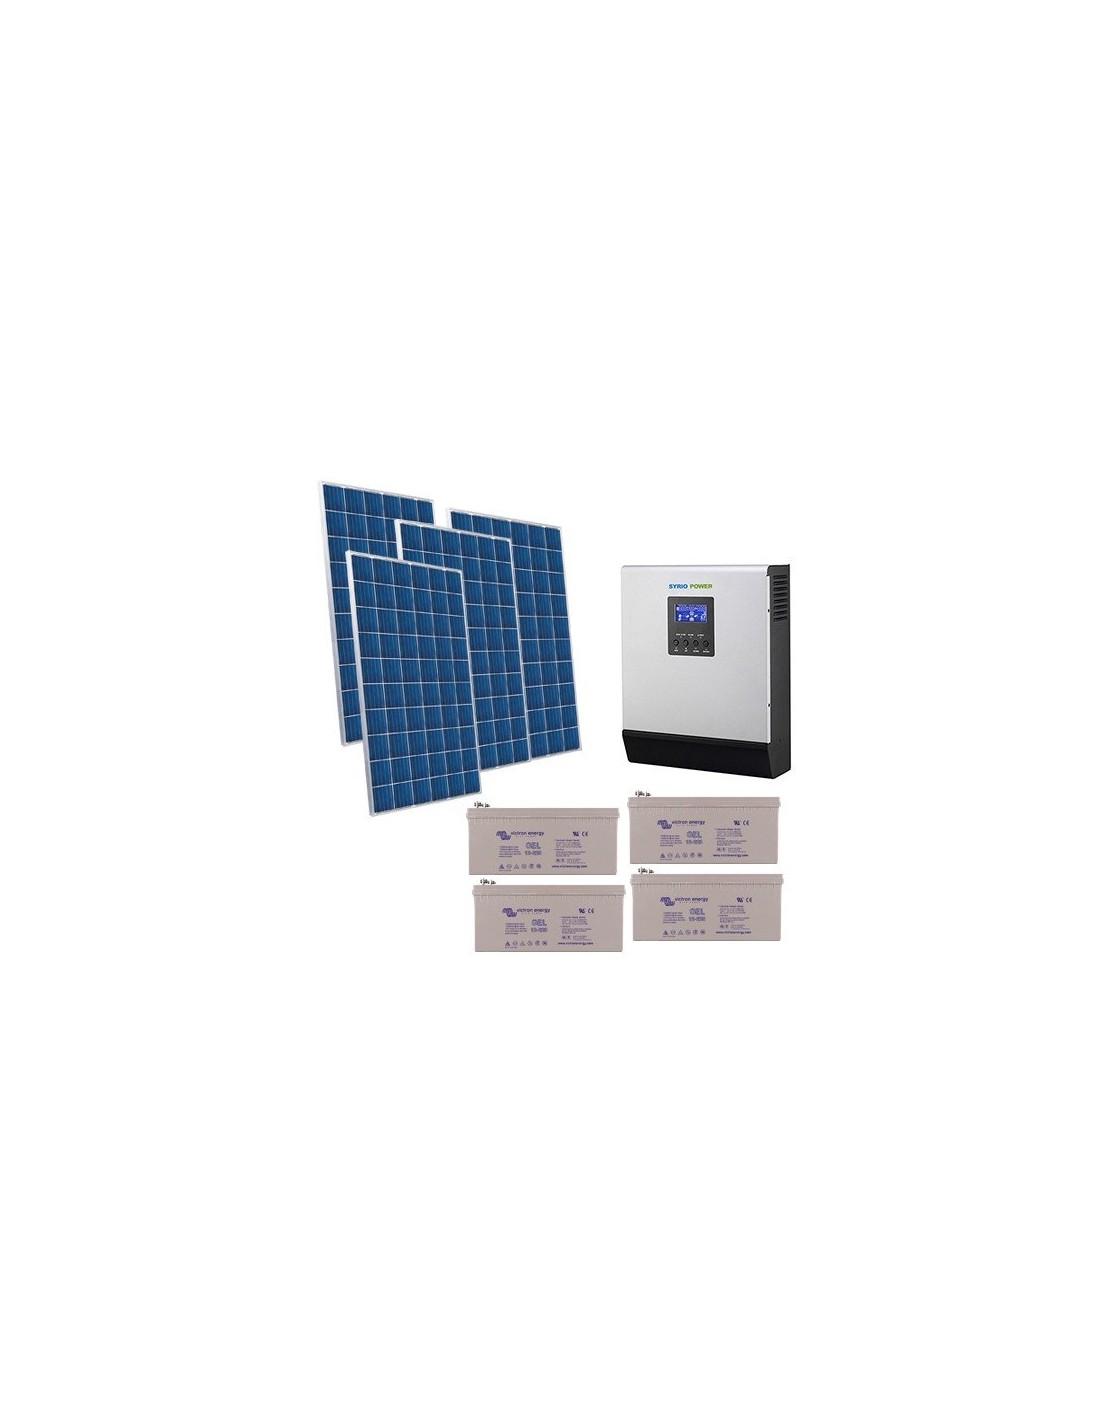 Solar House Kit 2 5kW 48V Pro System Inverter Accumulation GEL Battery 220Ah